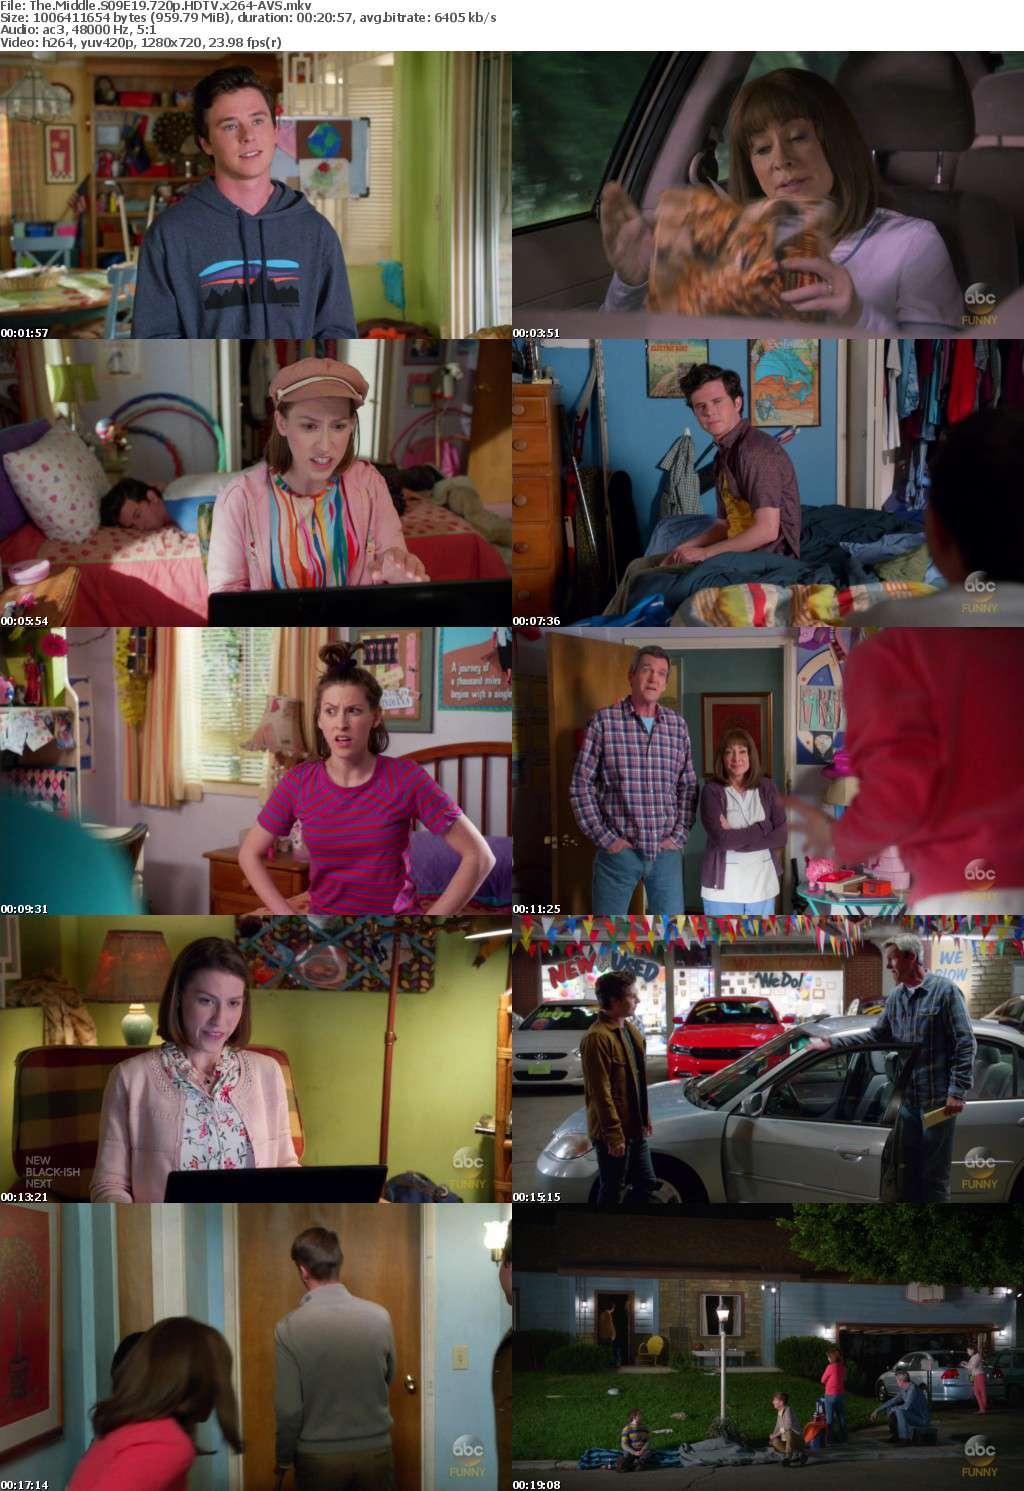 The Middle S09E19 720p HDTV x264-AVS